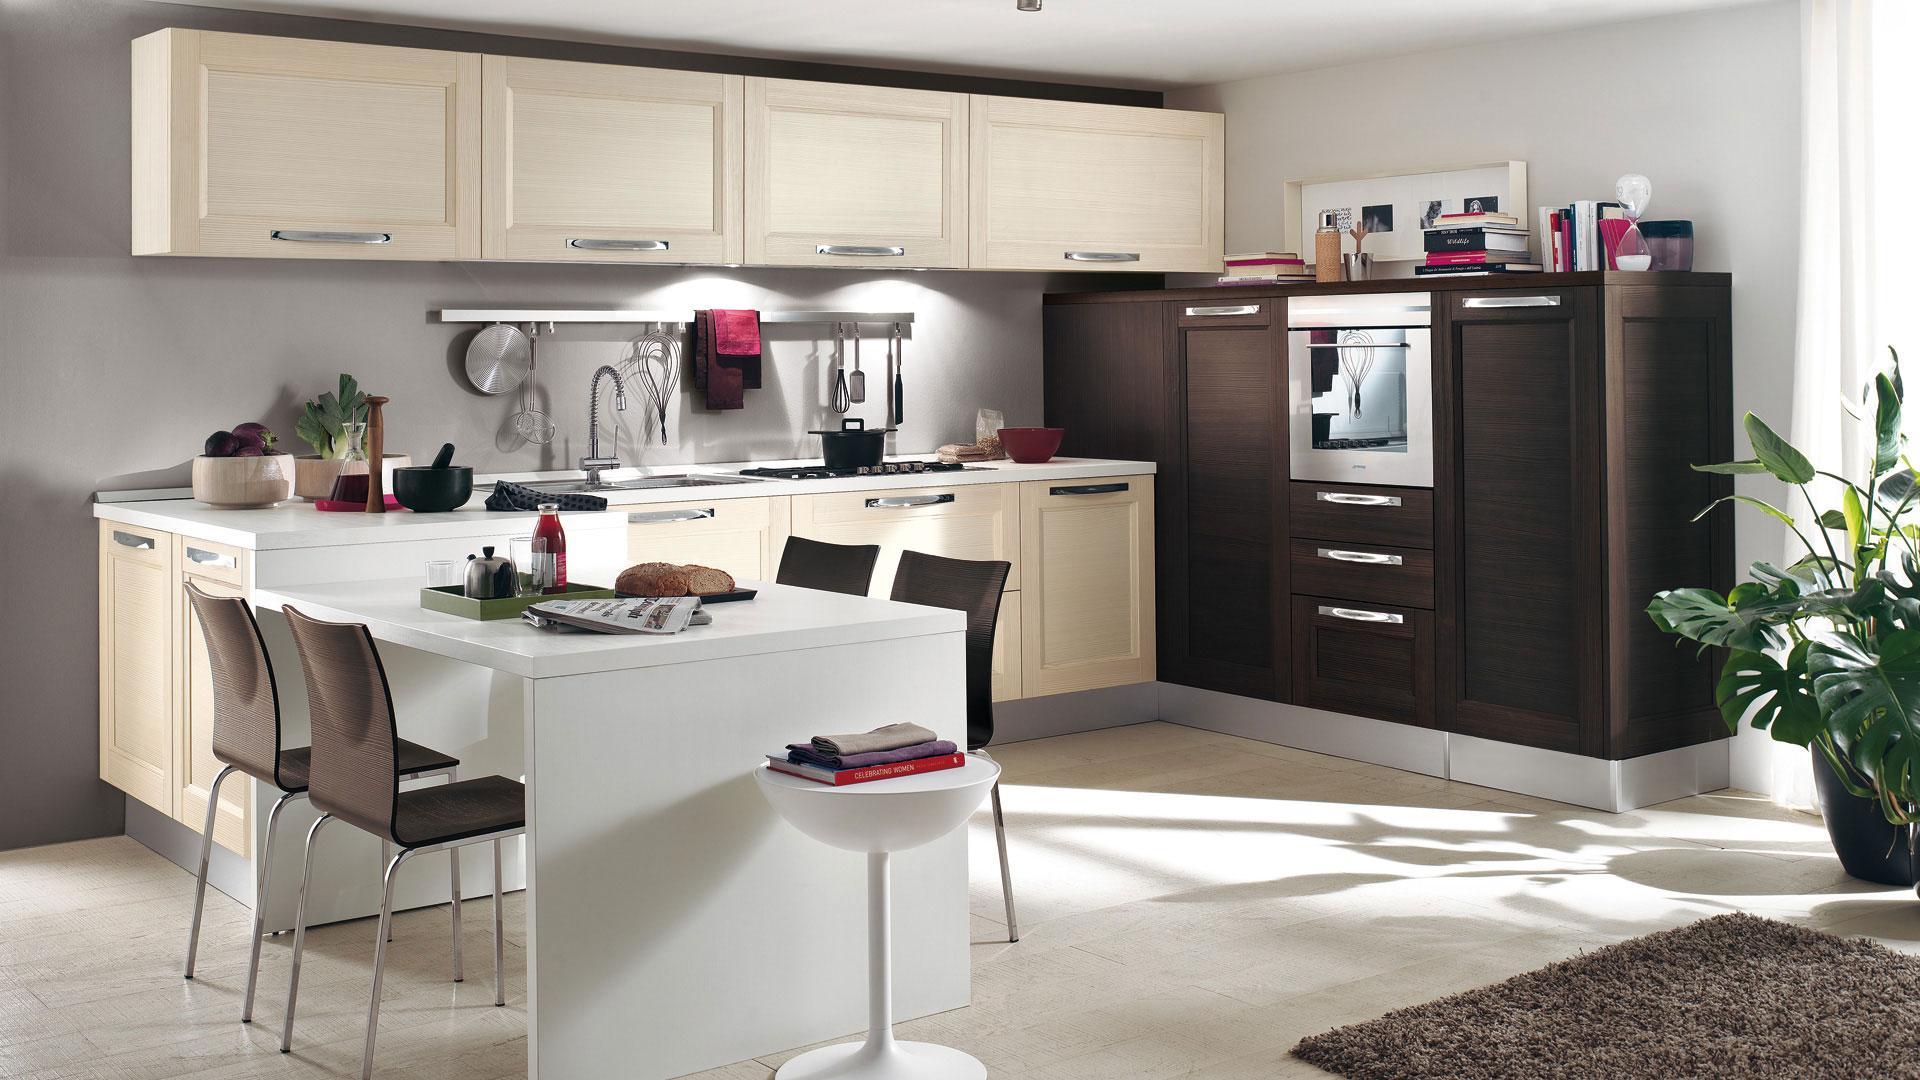 Mobilia arredamenti cucine for Mobilia randazzo